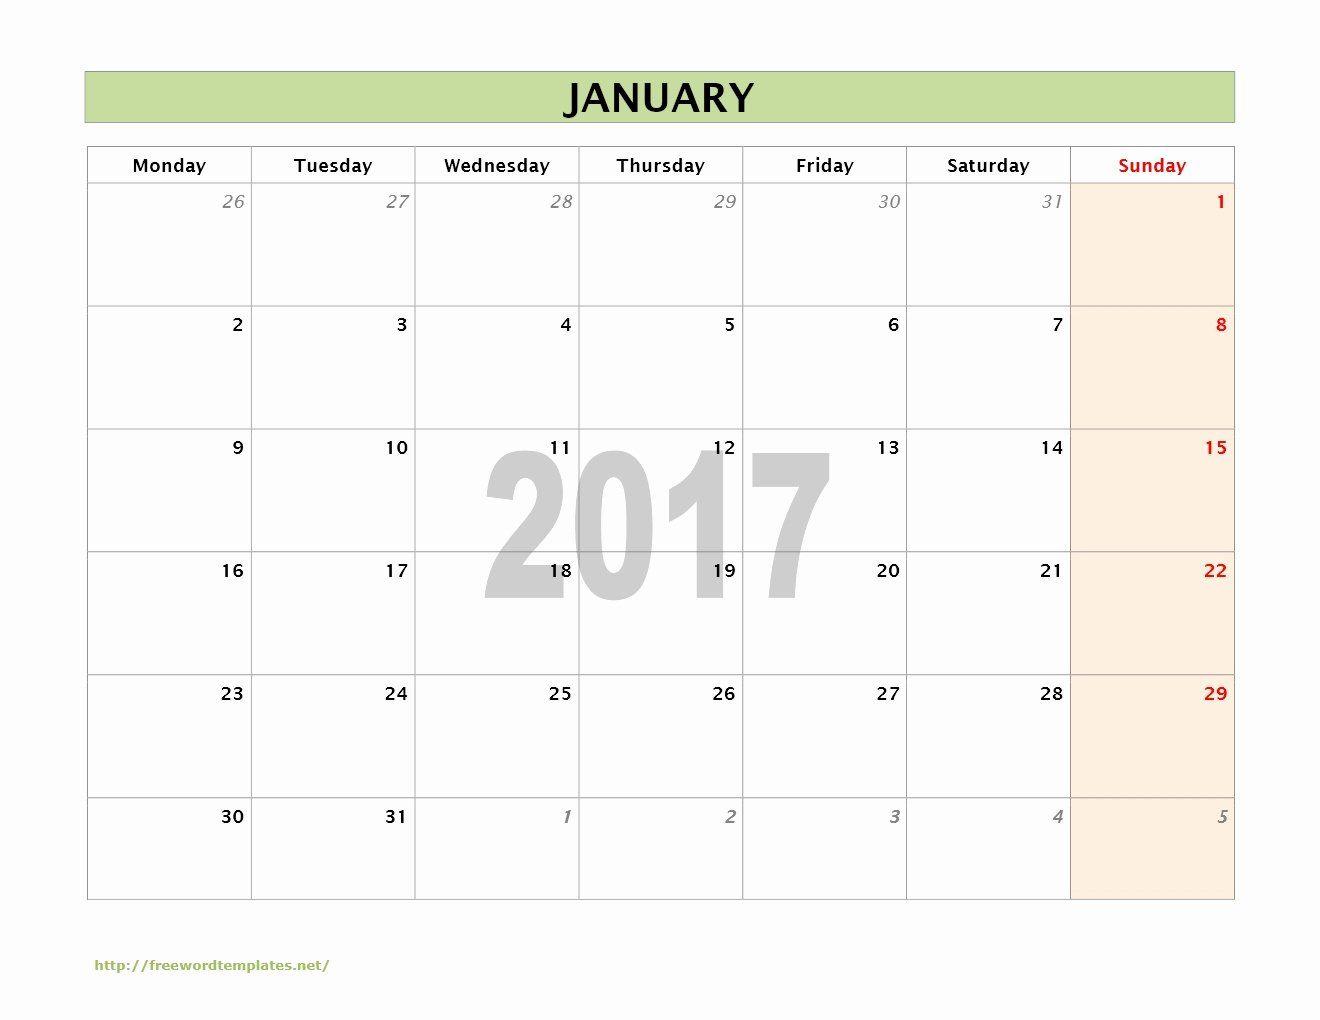 Free Blank Calendar Template 2017 Inspirational 2017 Calendar Templates In 2020 Free Calendar Template 2017 Calendar Templates Calendar Template